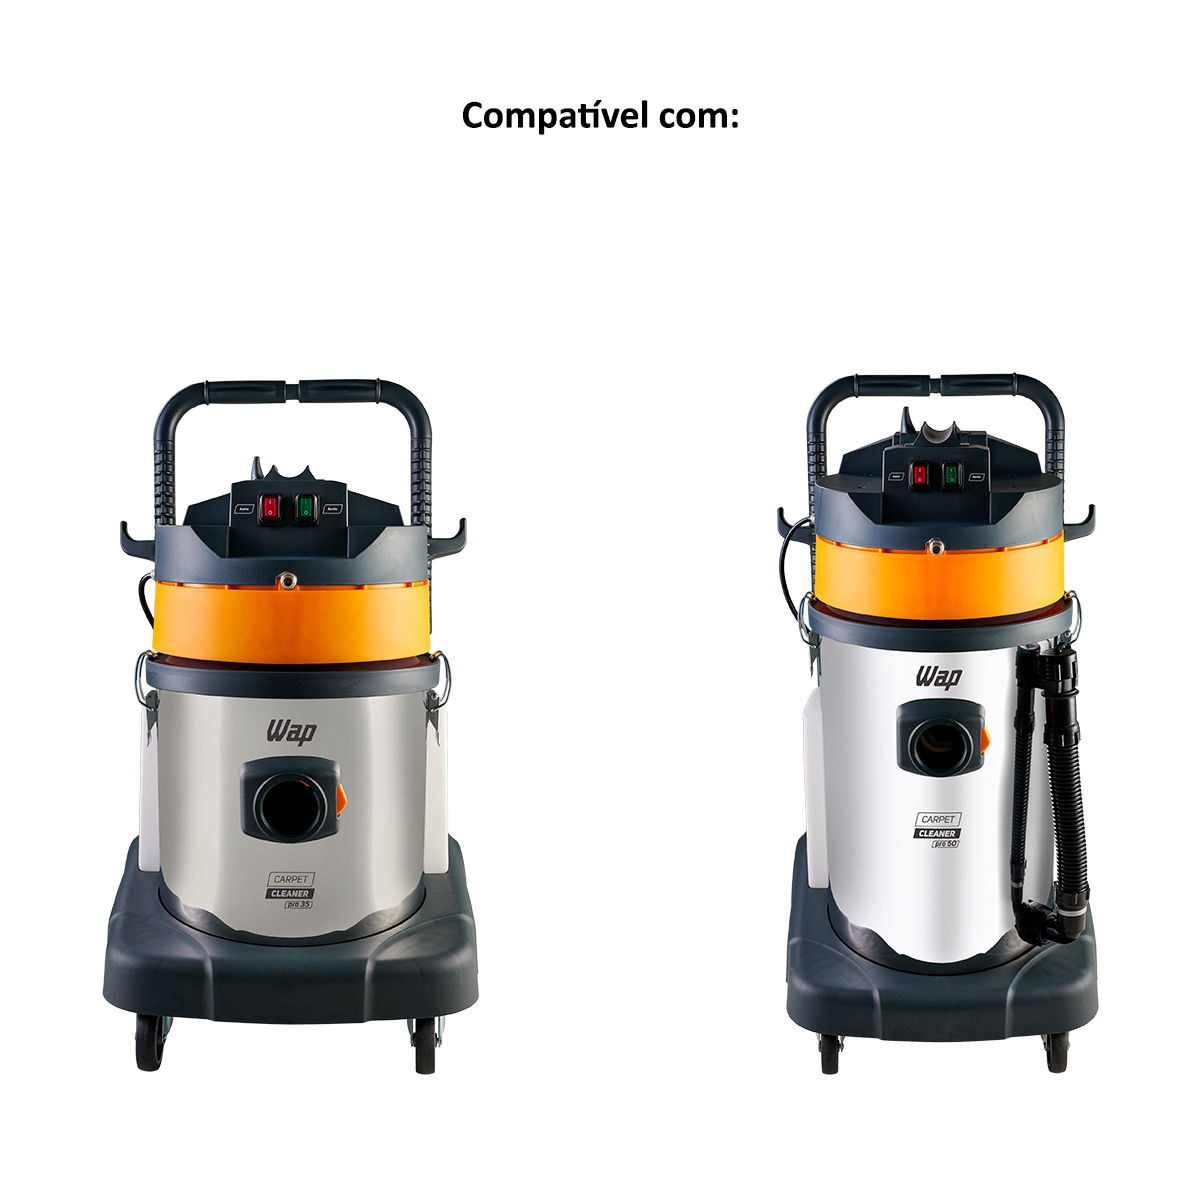 Gatilho completo para Extratora Wap Carpet Cleaner Pro 35 e 50